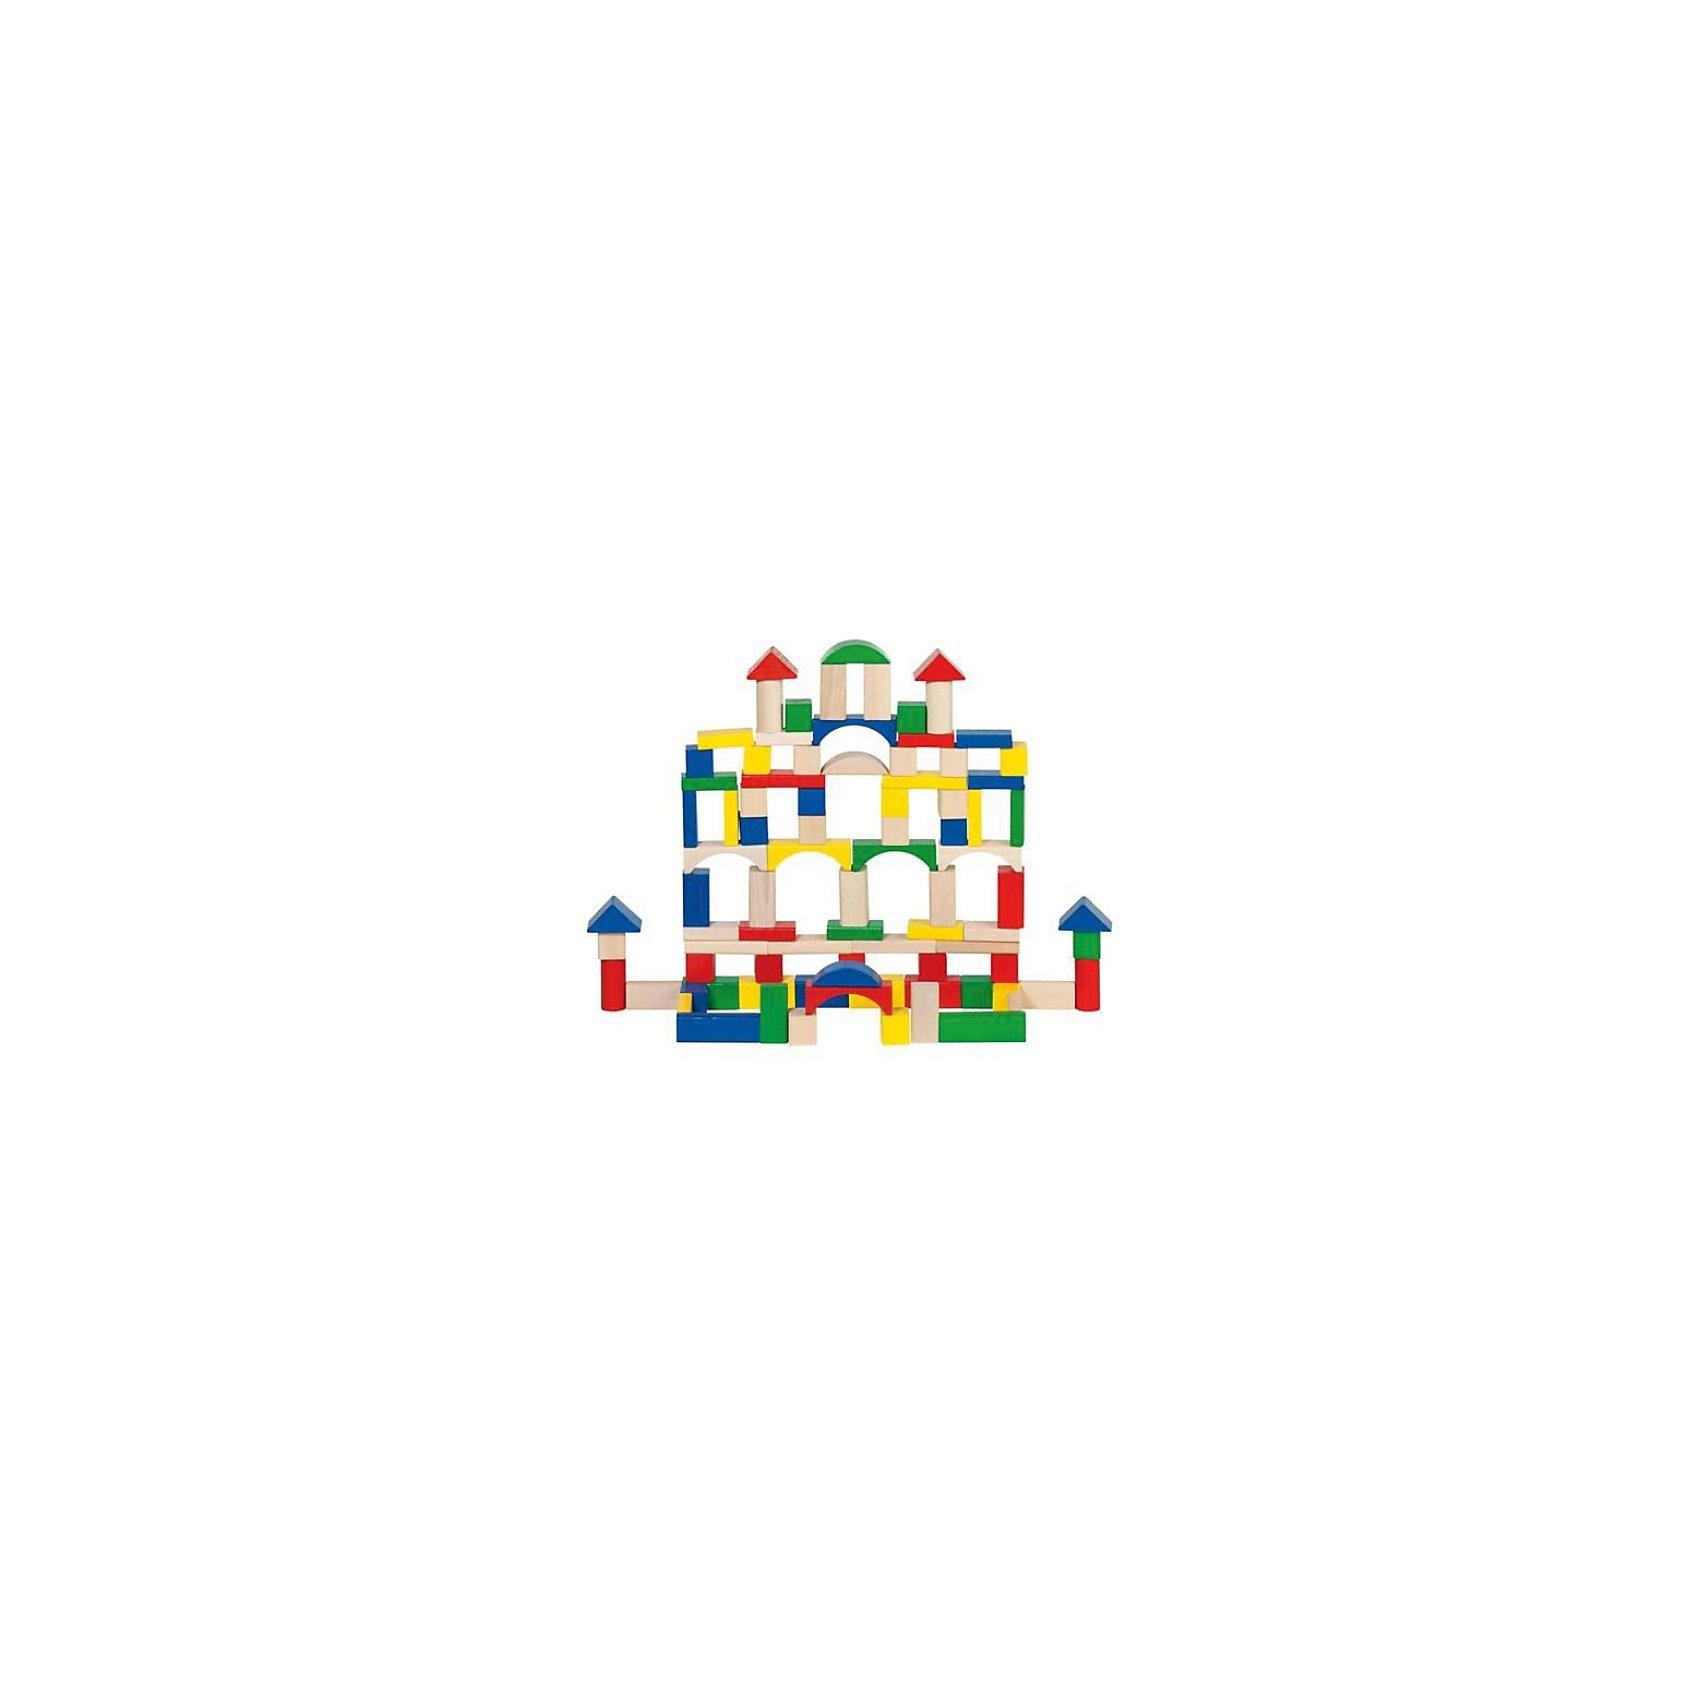 Игровой набор из деревянных строительных кубиков, GOKIИгровой набор из деревянных строительных кубиков, GOKI – классические деревянные строительные кубики разных форм, размеров и цветов.<br><br>С этими яркими и красочными кубиками Ваш ребенок сможет построить замки, домики, башни и многое другое - все на что хватит фантазии у Вашего ребенка. Кубики выполнены из натурального дерева, они тяжелее по сравнению с пластиковыми кубиками и позволяют строить башенки большей высоты!<br><br>Игра со строительными кубиками развивает наглядно-образное мышление, глазомер, мелкую моторику рук и координацию движений.<br><br>В наборе 100 деталей. Кубики удобно хранить в цилиндрической картонной коробке с крышкой и двумя верёвочными ручками.<br><br>Дополнительная информация:<br><br>- В комплект входит: 100 кубиков в картонной упаковке.<br>- Материалы: кубики - дерево, нетоксичные краски.<br>- Сторона кубика: 2,2 см.<br><br><br>Игровой набор из деревянных строительных кубиков, GOKI можно купить в нашем интернет-магазине.<br><br>Ширина мм: 100<br>Глубина мм: 100<br>Высота мм: 190<br>Вес г: 1600<br>Возраст от месяцев: 36<br>Возраст до месяцев: 96<br>Пол: Унисекс<br>Возраст: Детский<br>SKU: 3383207